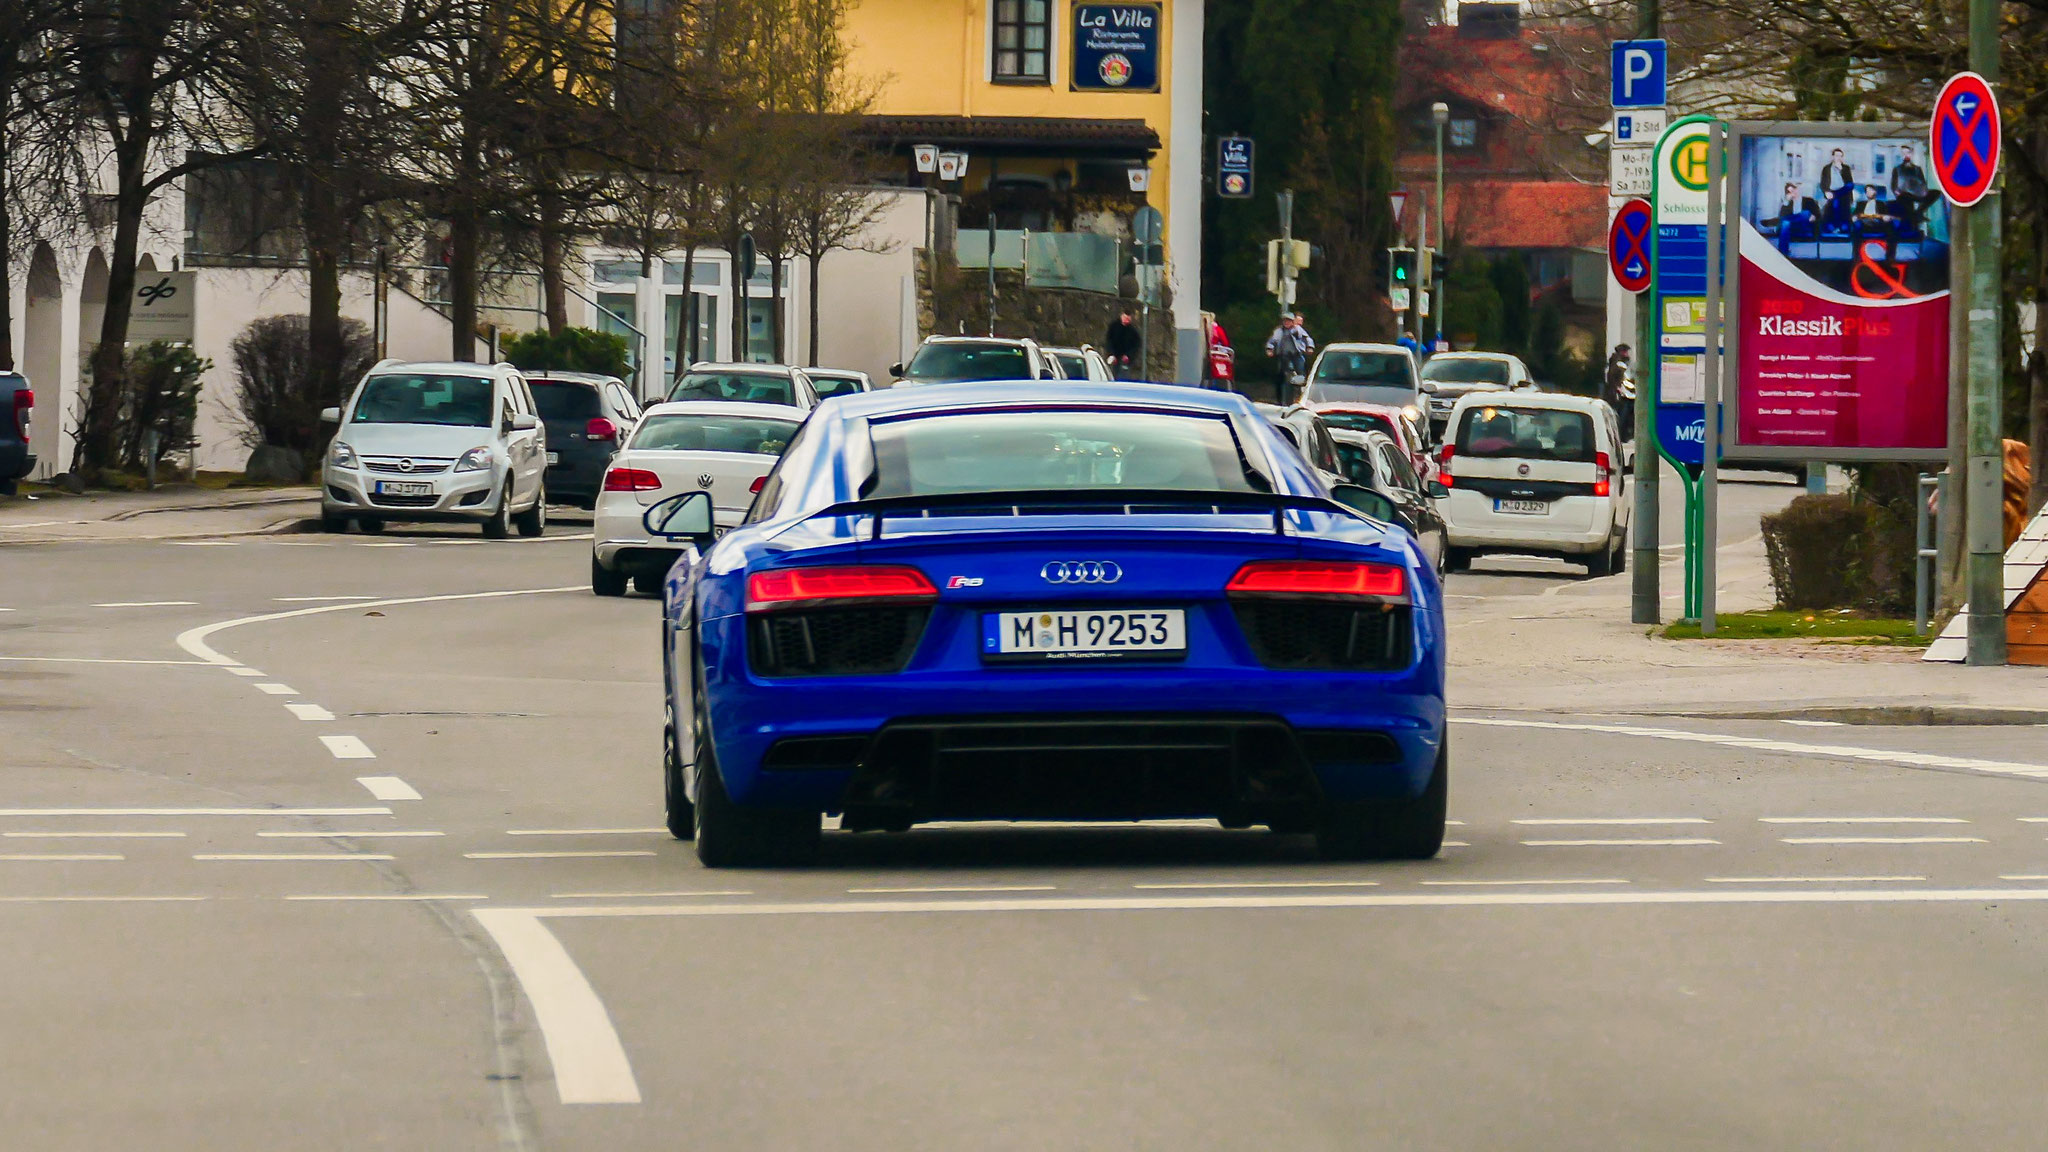 Audi R8 V10 - M-H-9253